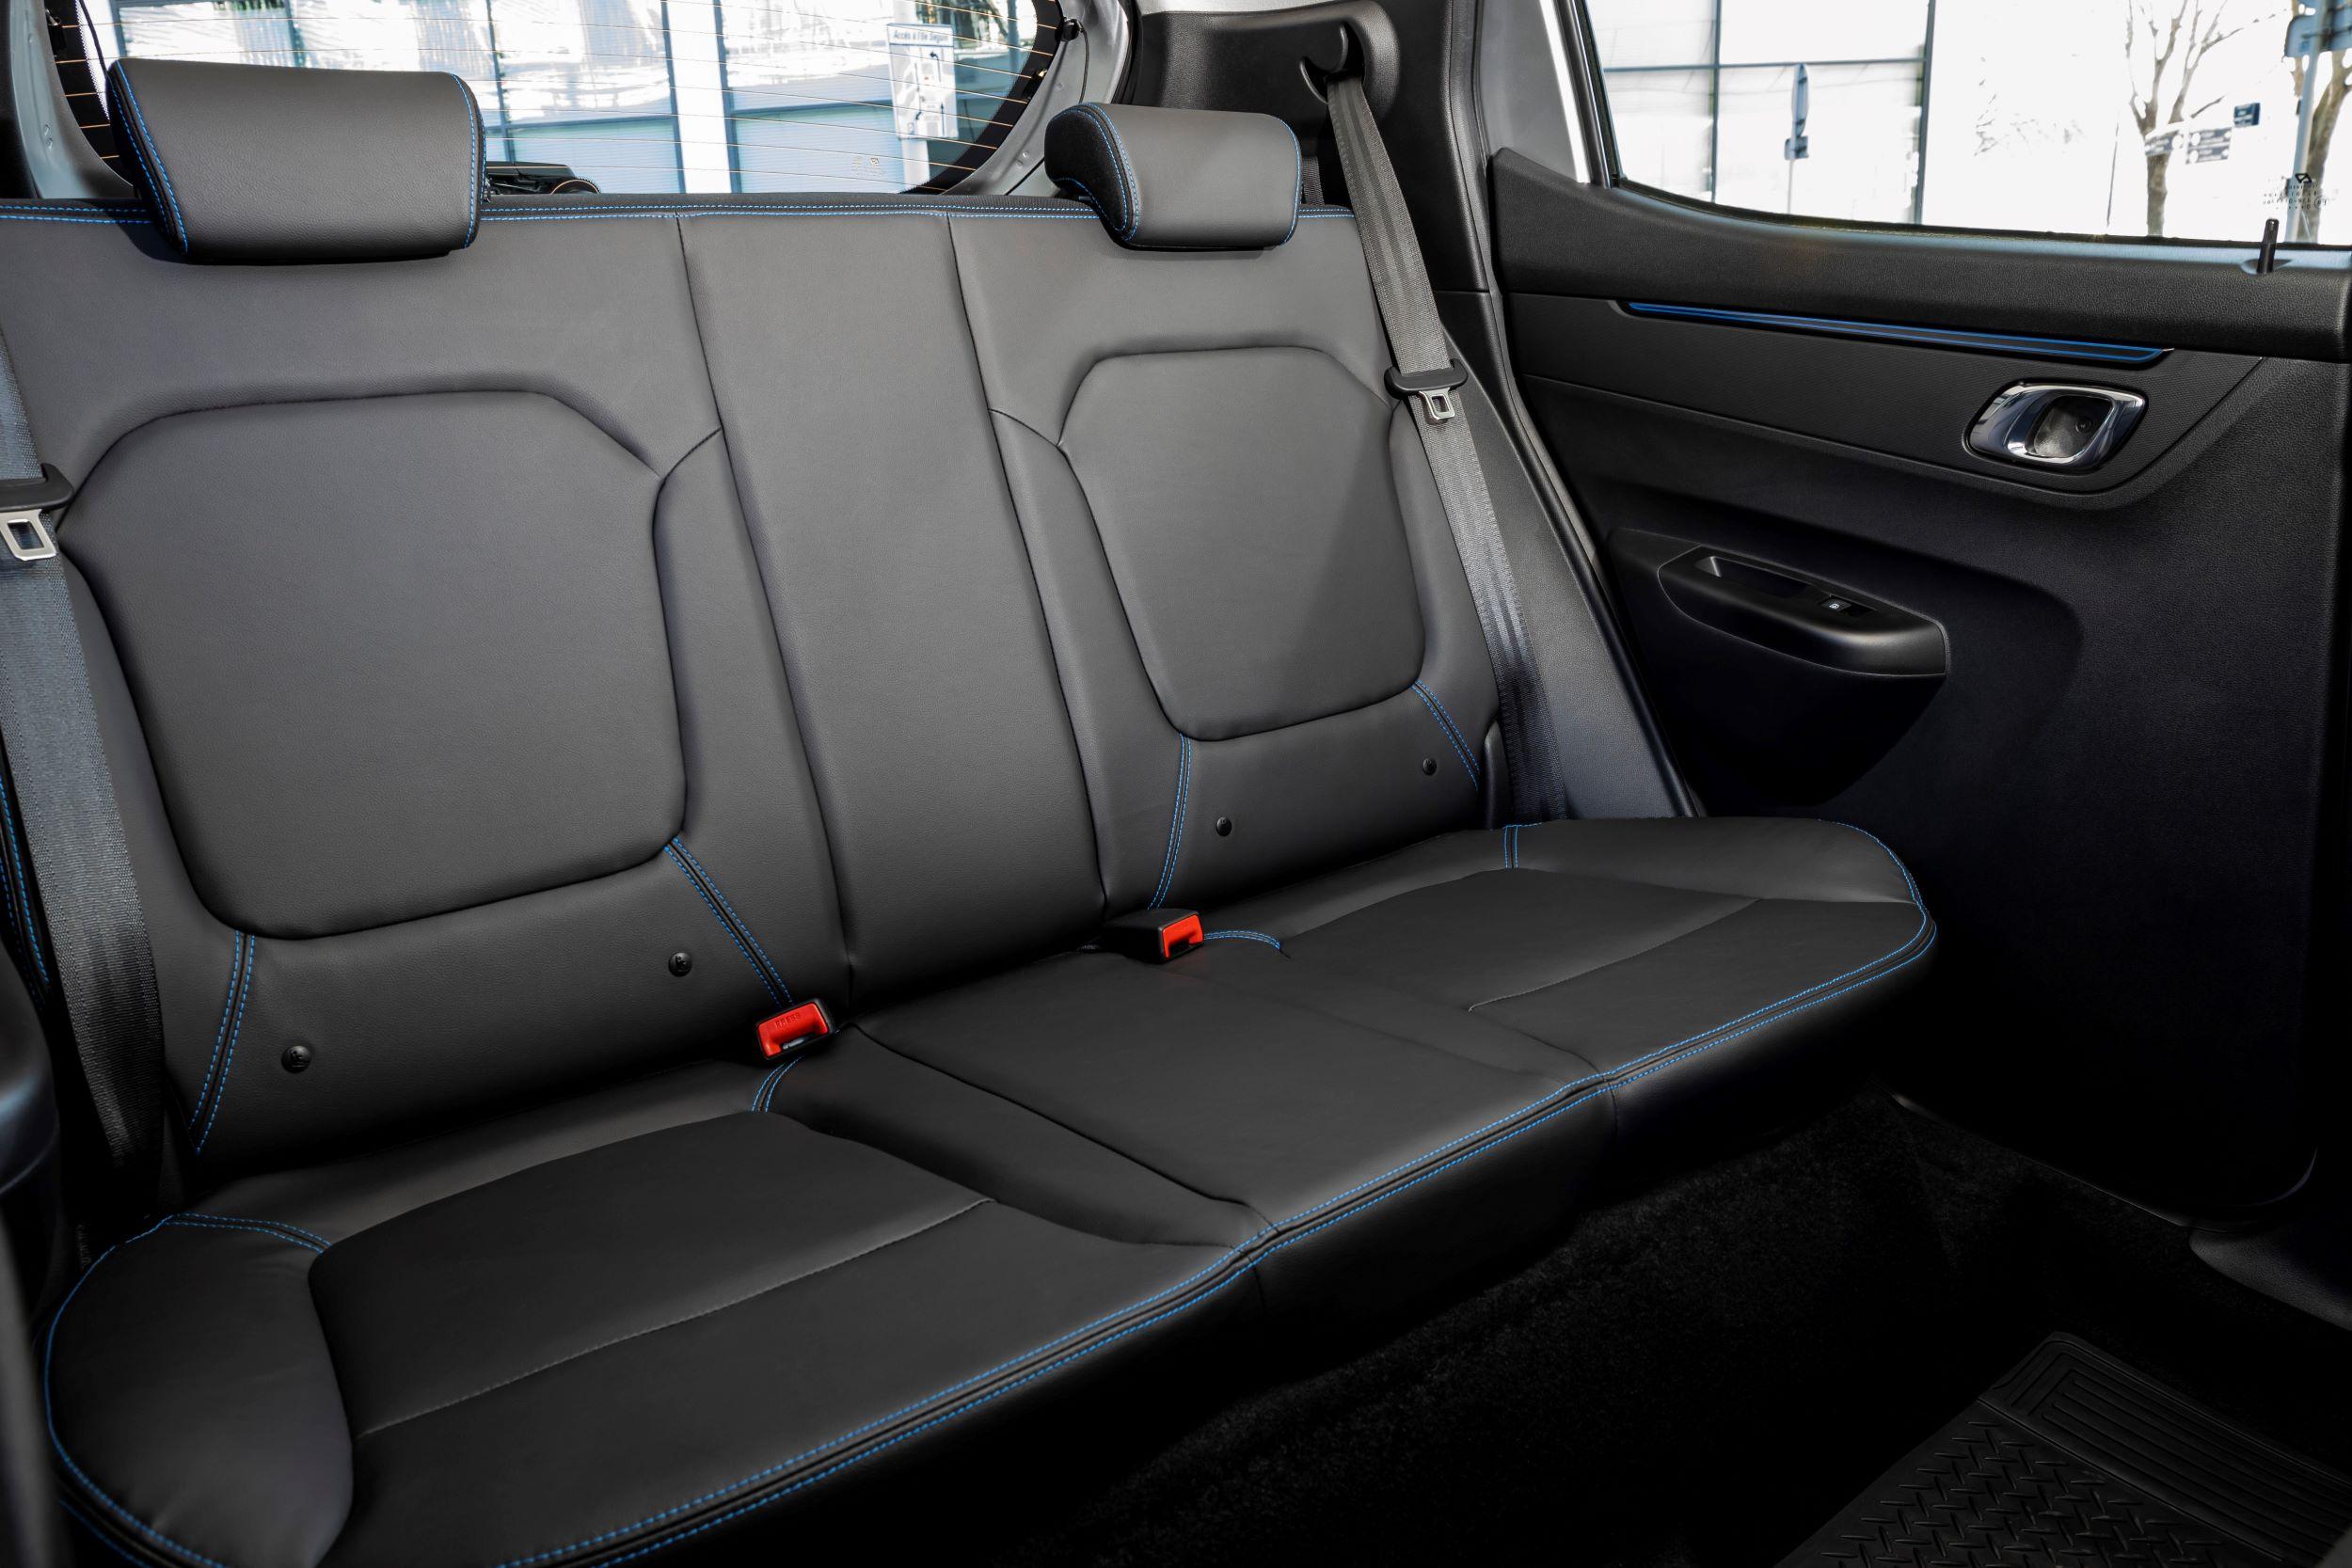 2021 - New Dacia Spring(2)